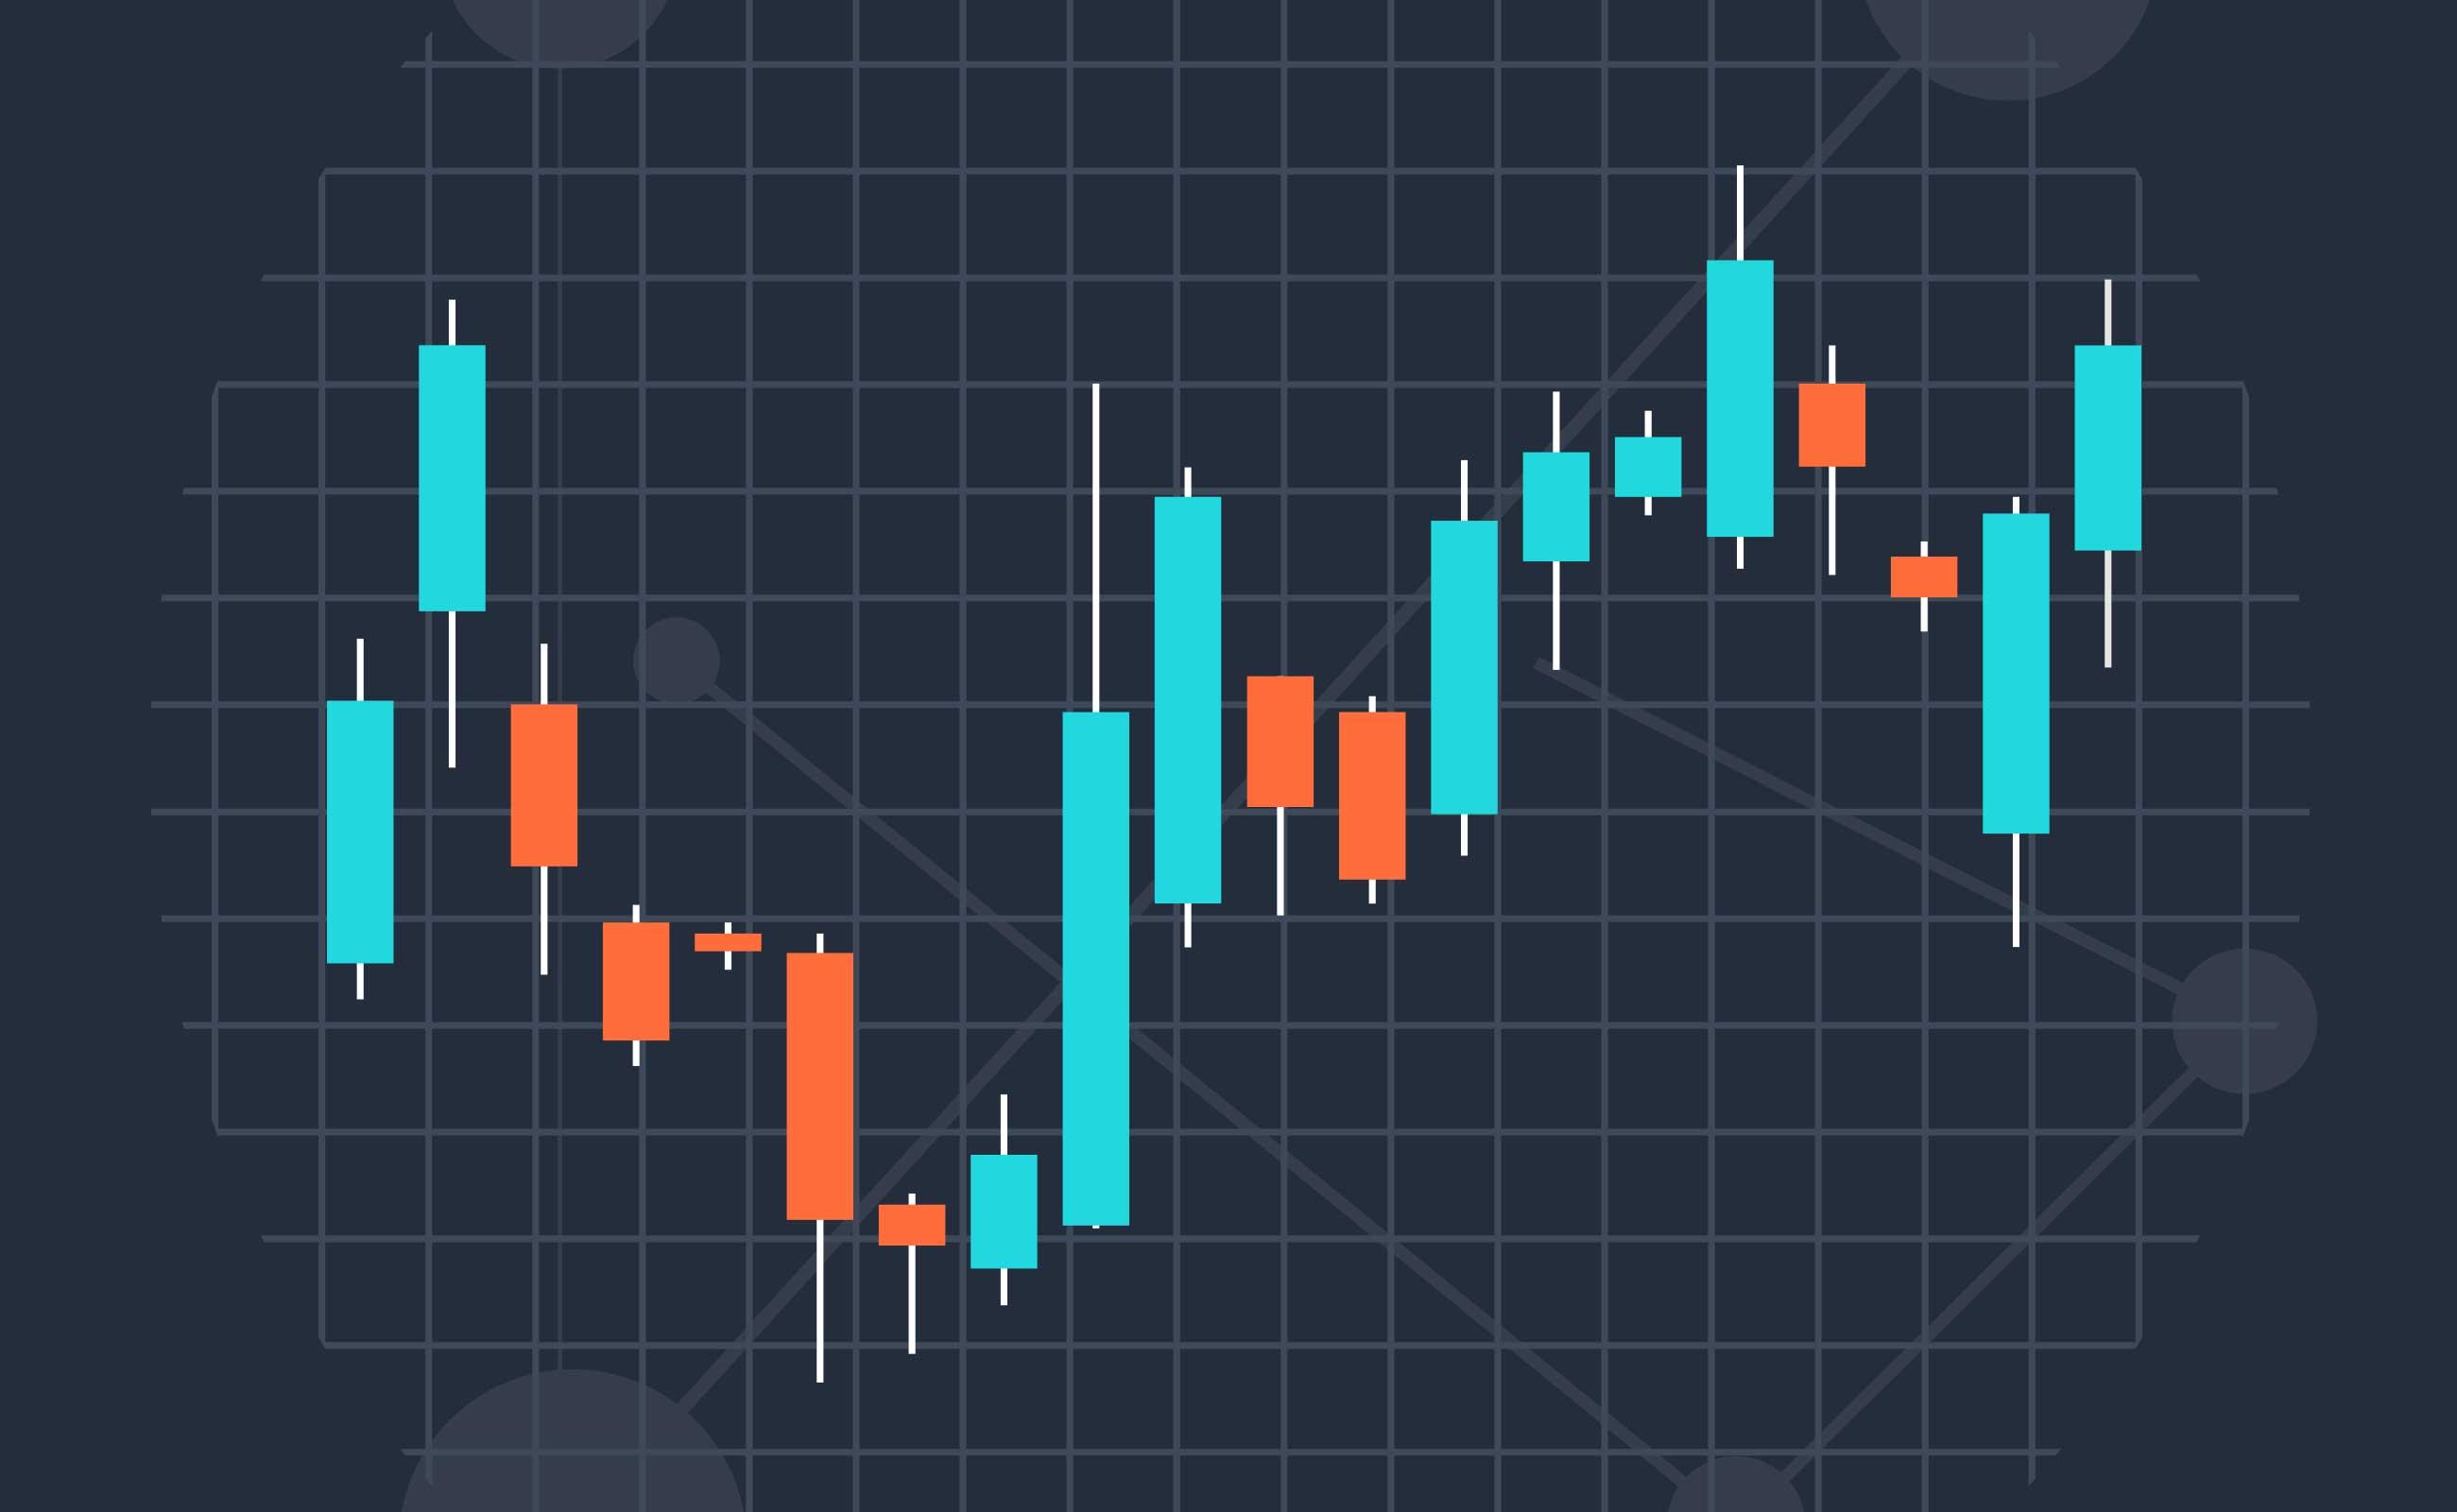 地缘政治危机搅动市场:中东股市普遍收跌 日韩股市开盘下滑